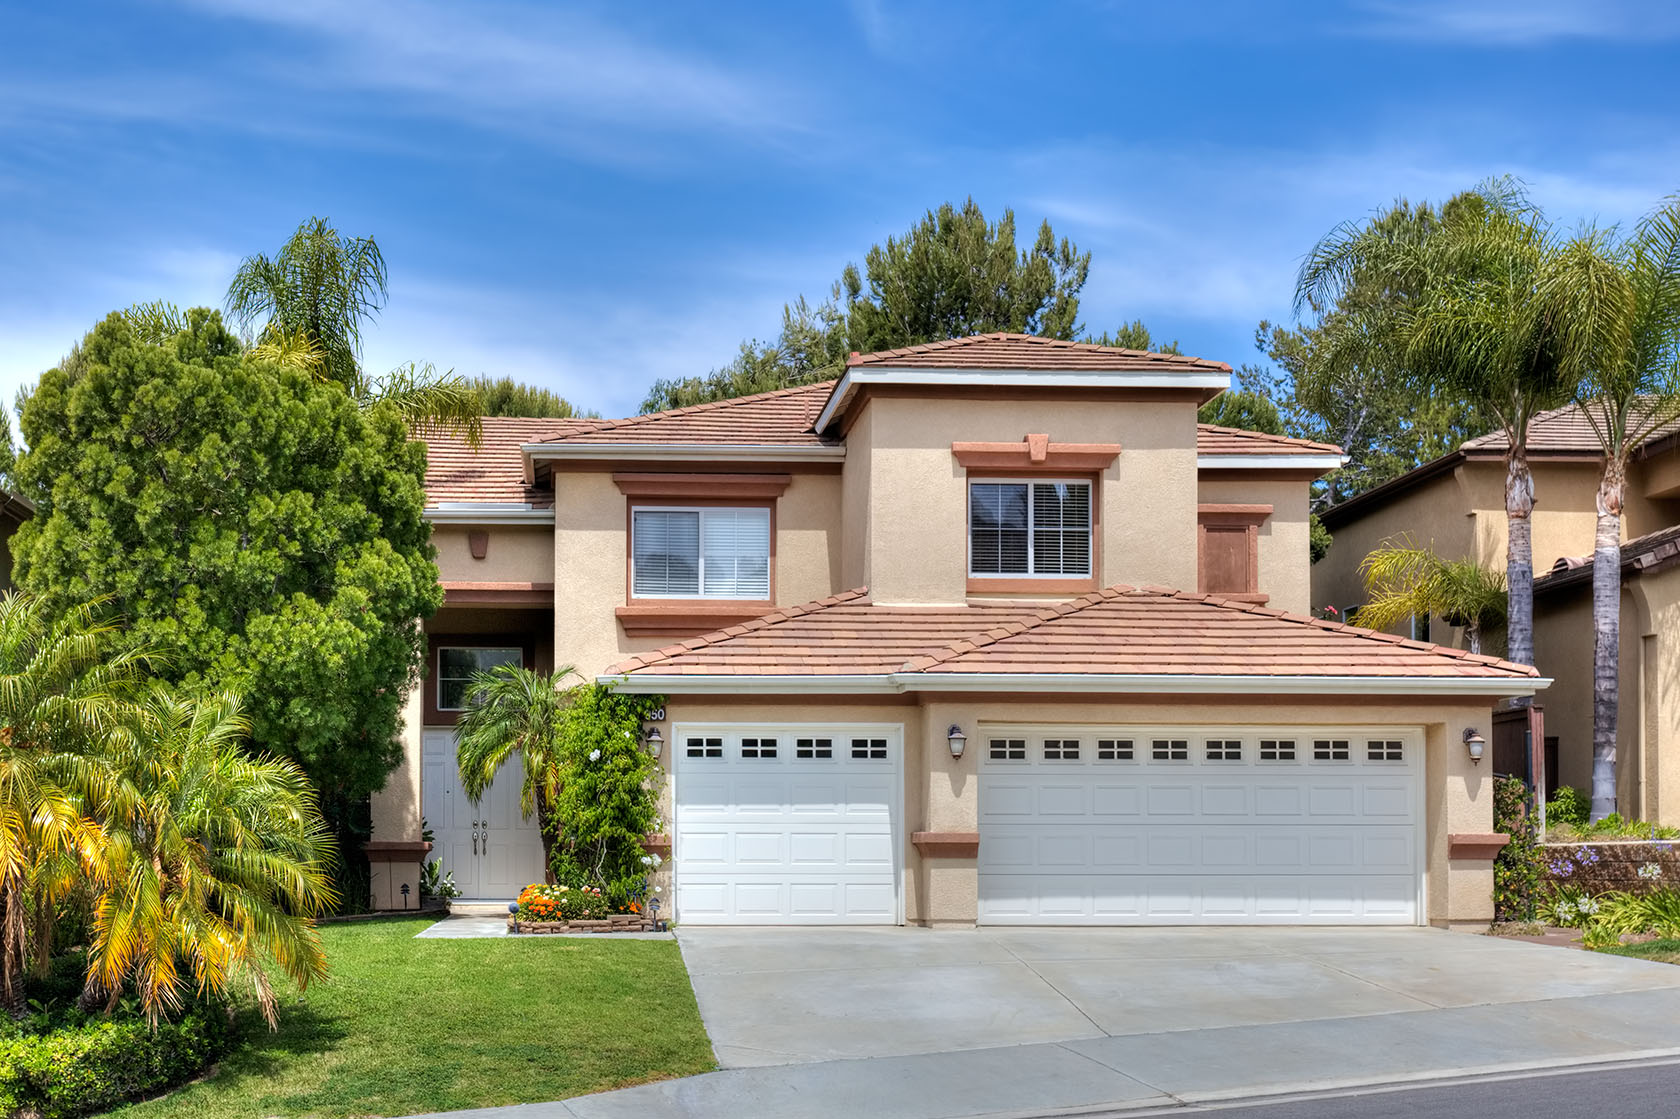 Anaheim Hills - Buyer Client